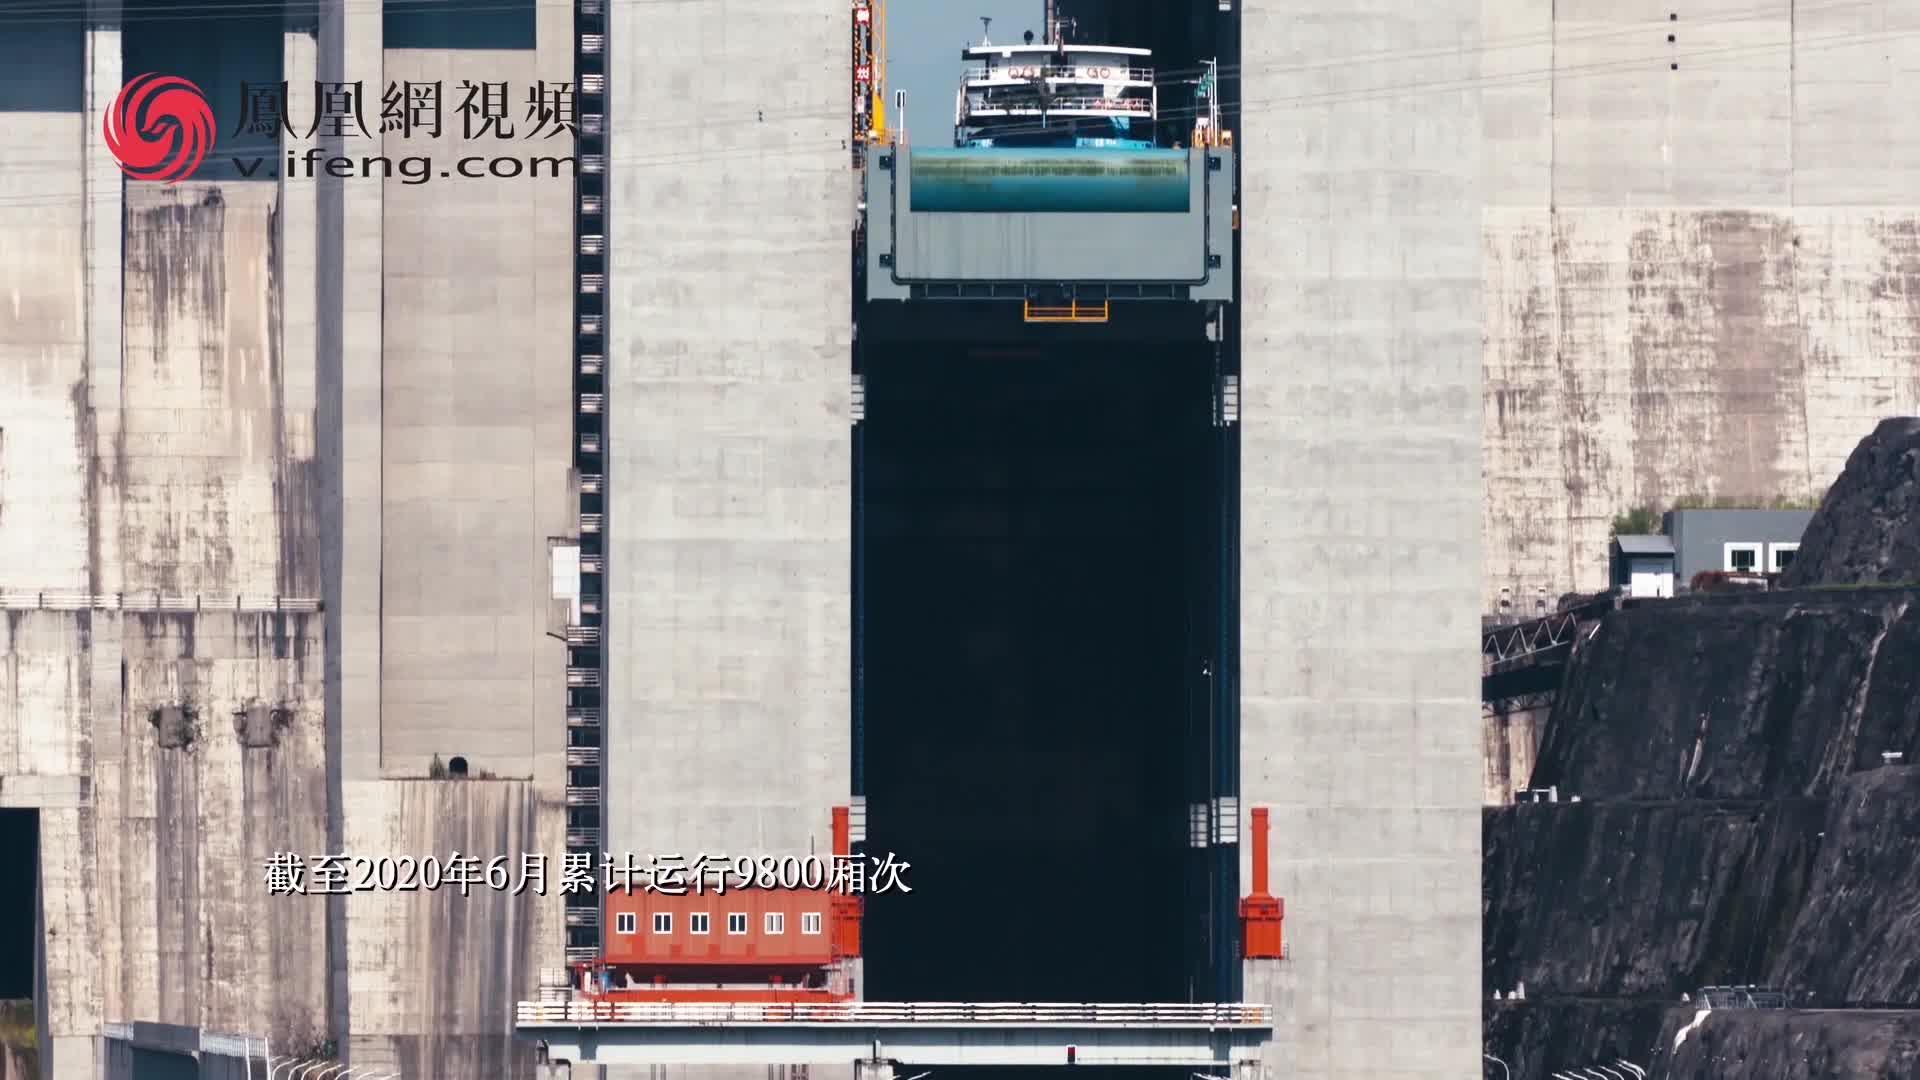 三峡工程是如何改善长江航运条件的?